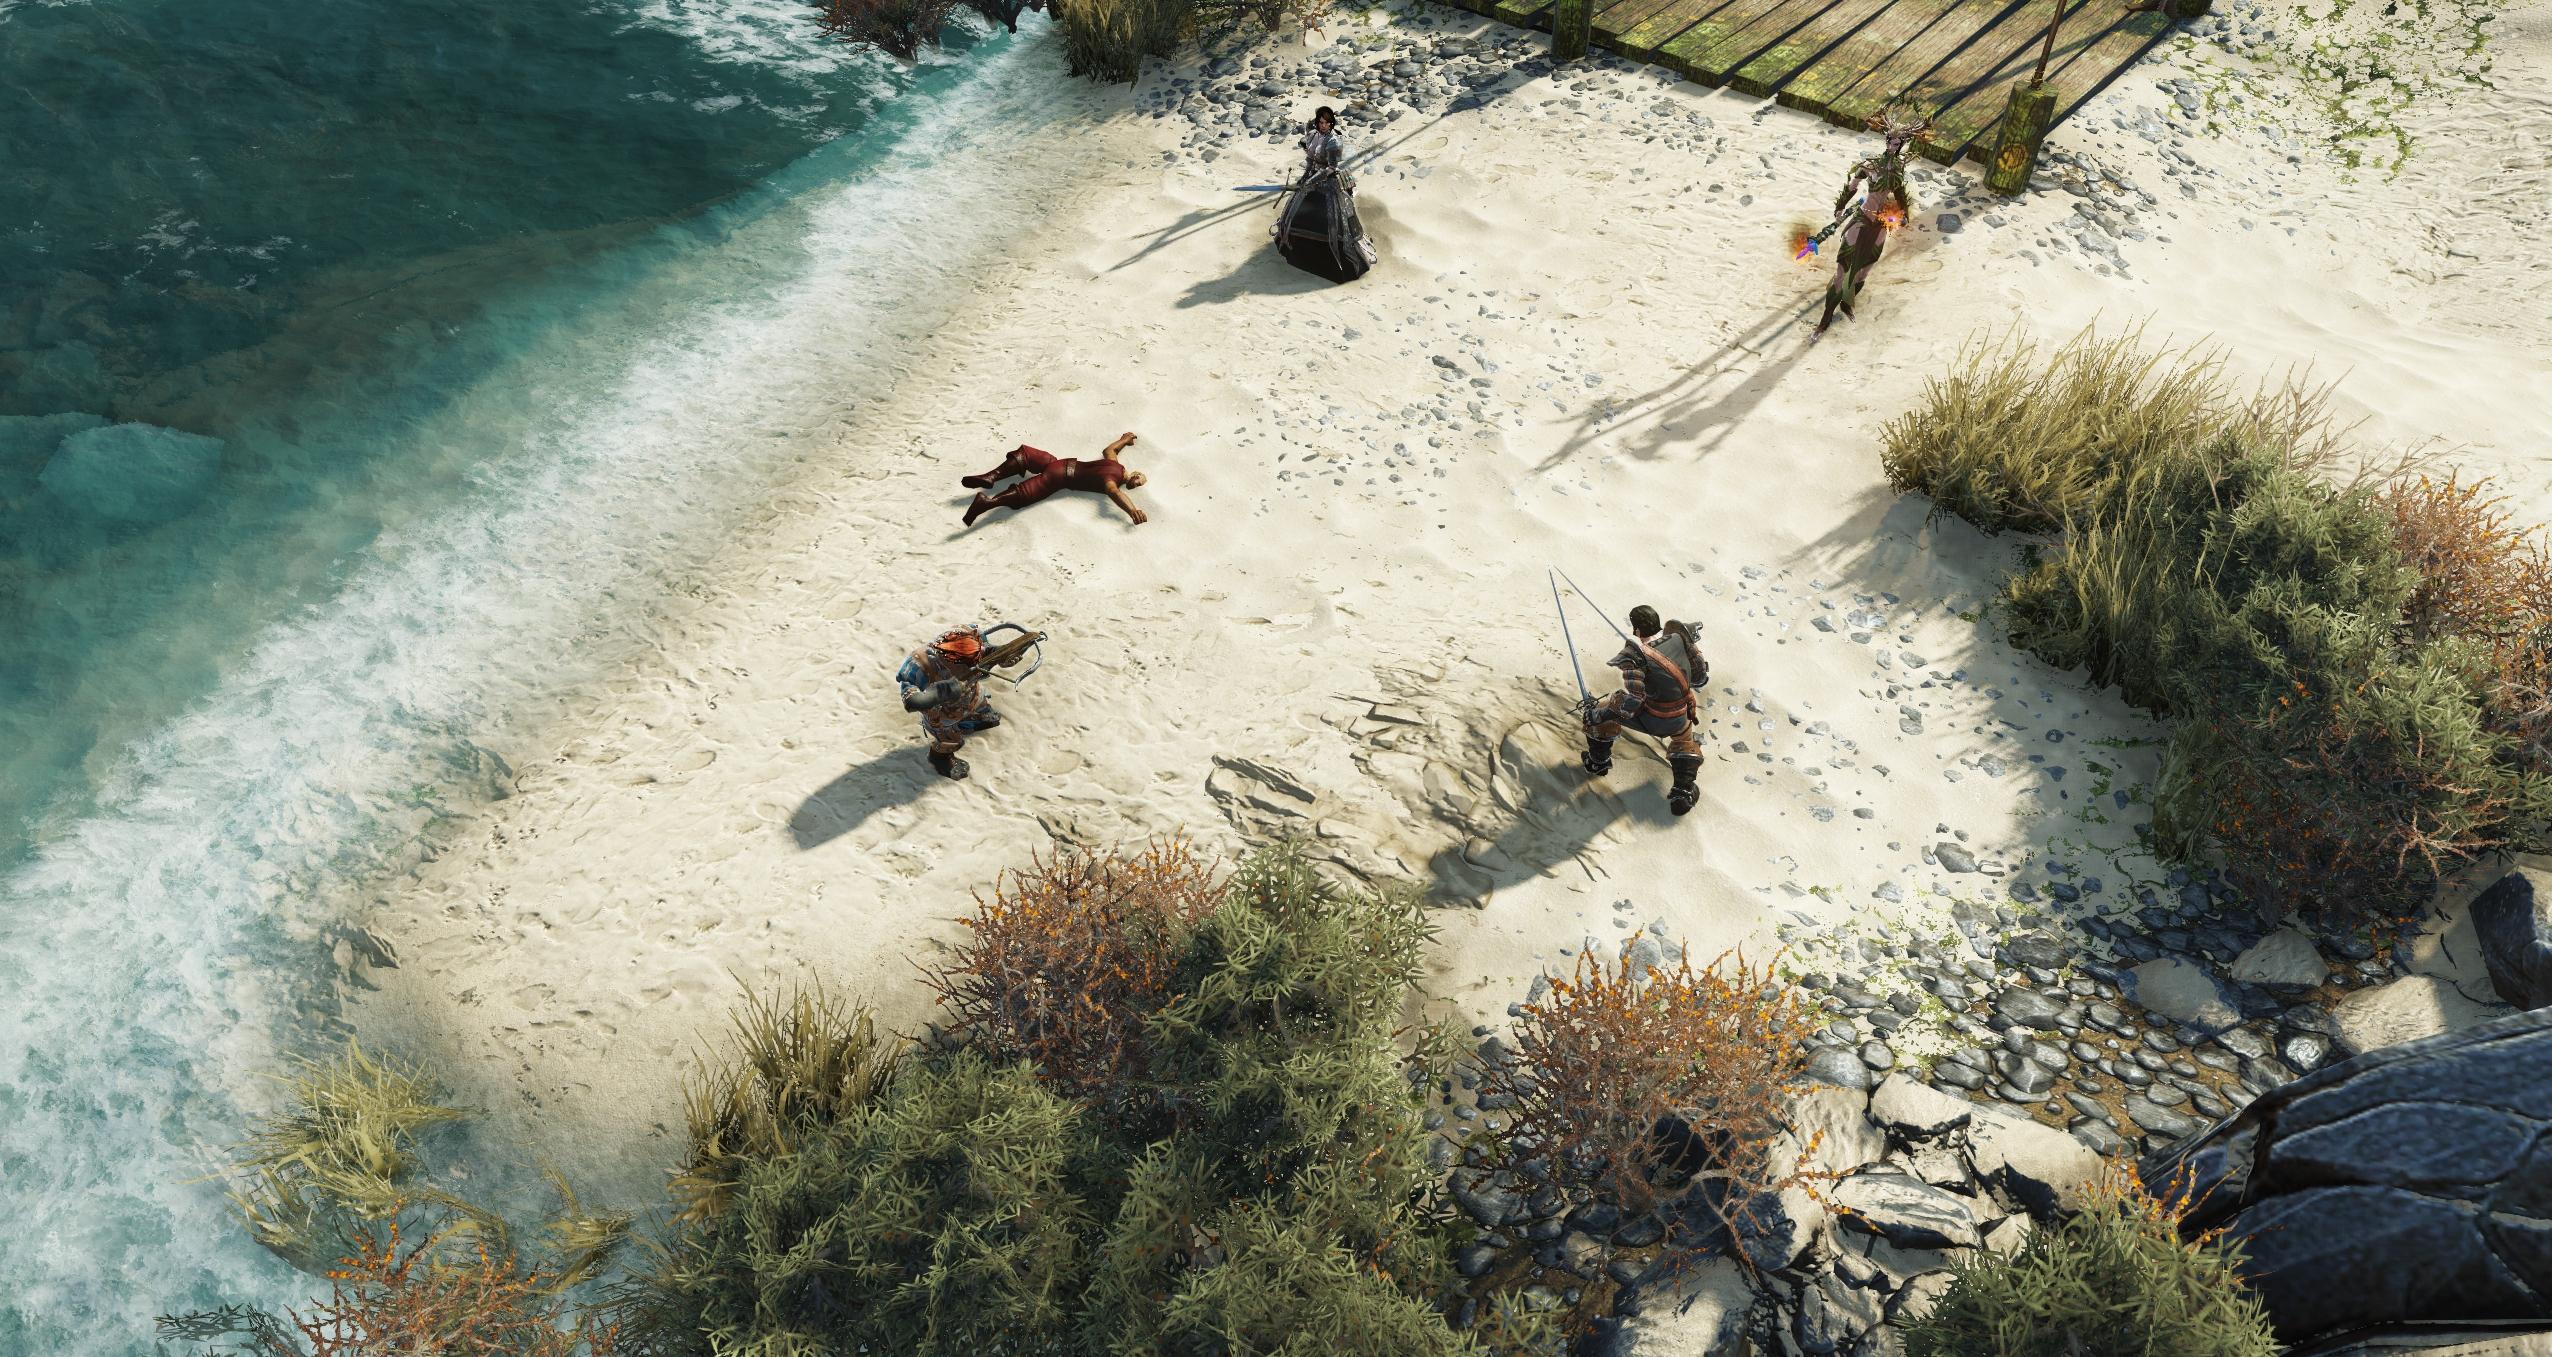 Le jeu débute près d'une plage. Les premiers combats jouent le rôle de didacticiel.